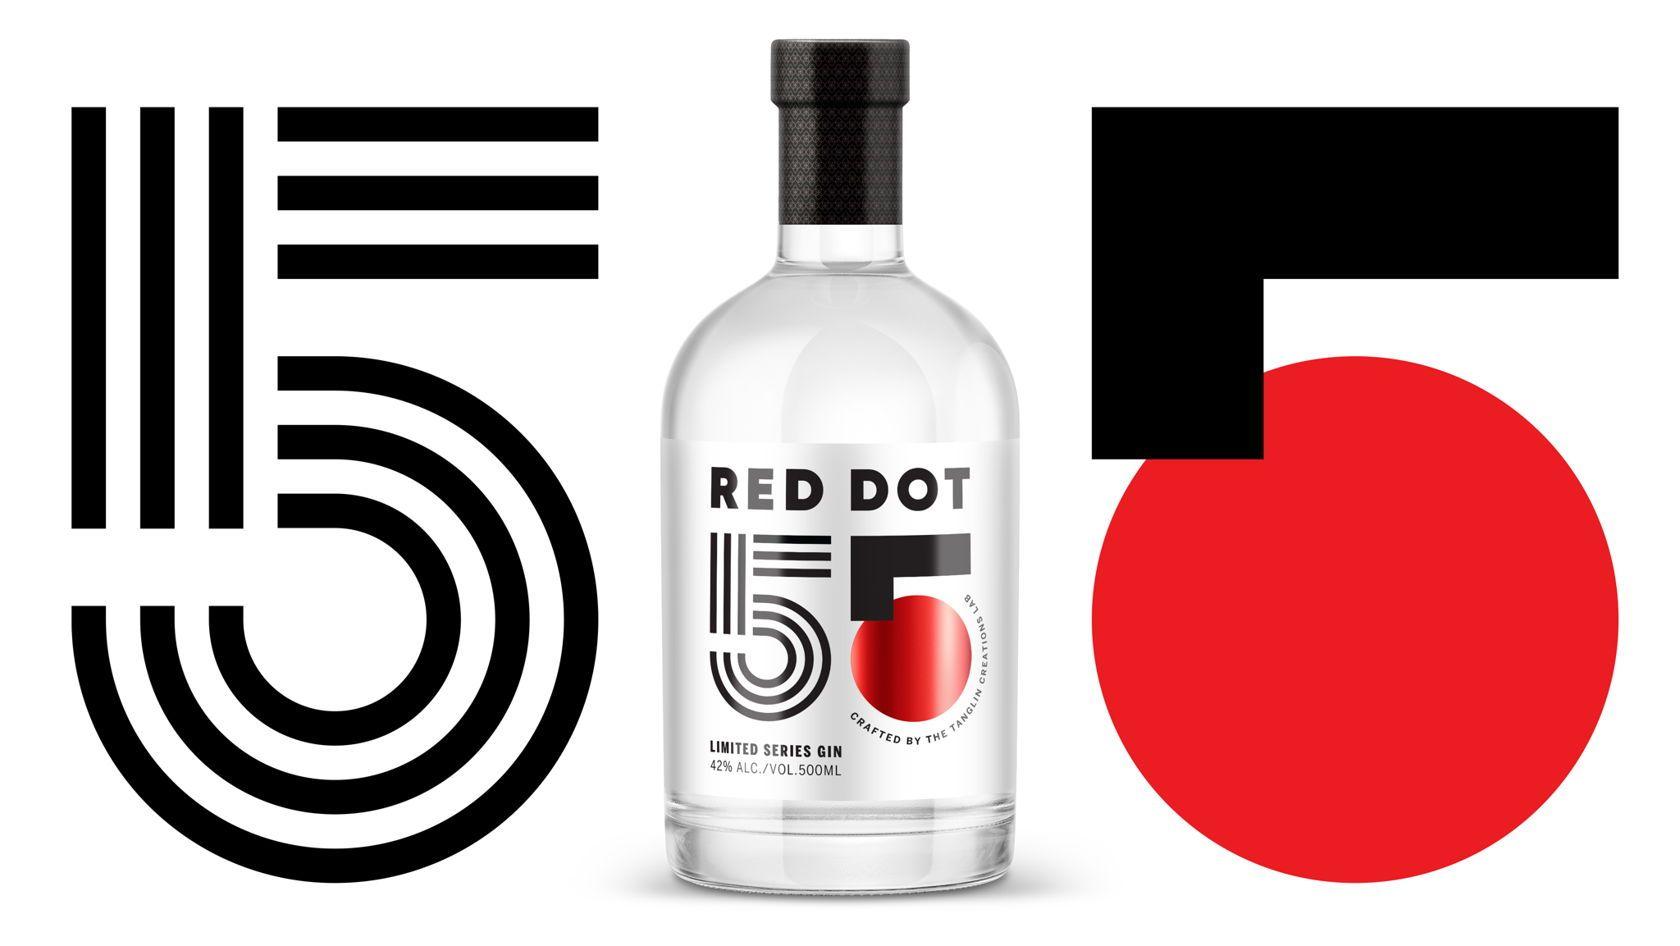 Dieline In 2020 Honey Packaging Red Dots Wine Bottle